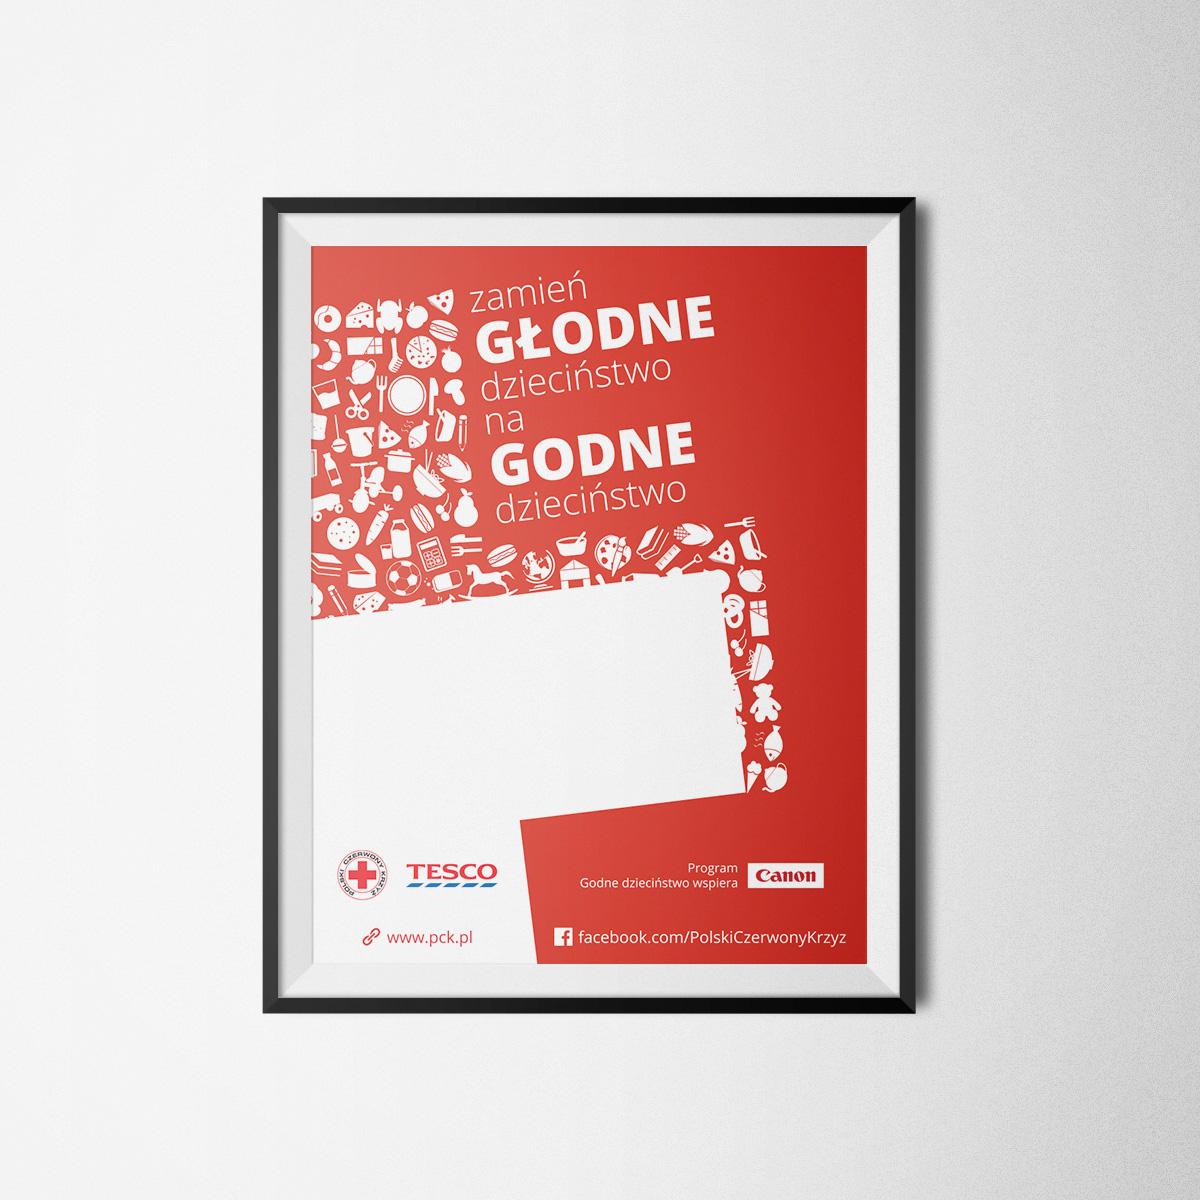 godne-poster